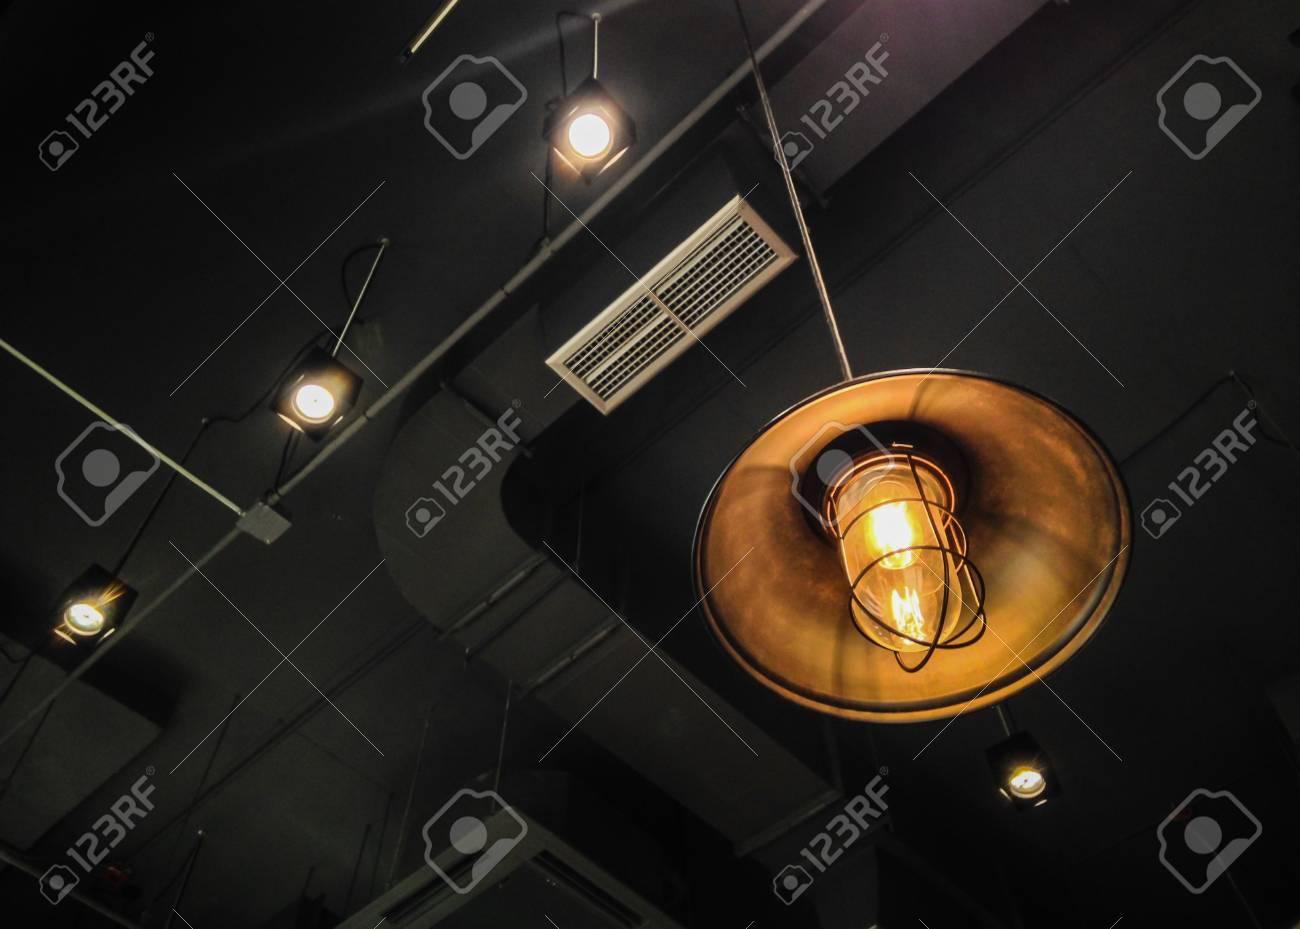 Moderne Lampen 56 : Die laterne mit lampe von der decke des modernen gebäudes als